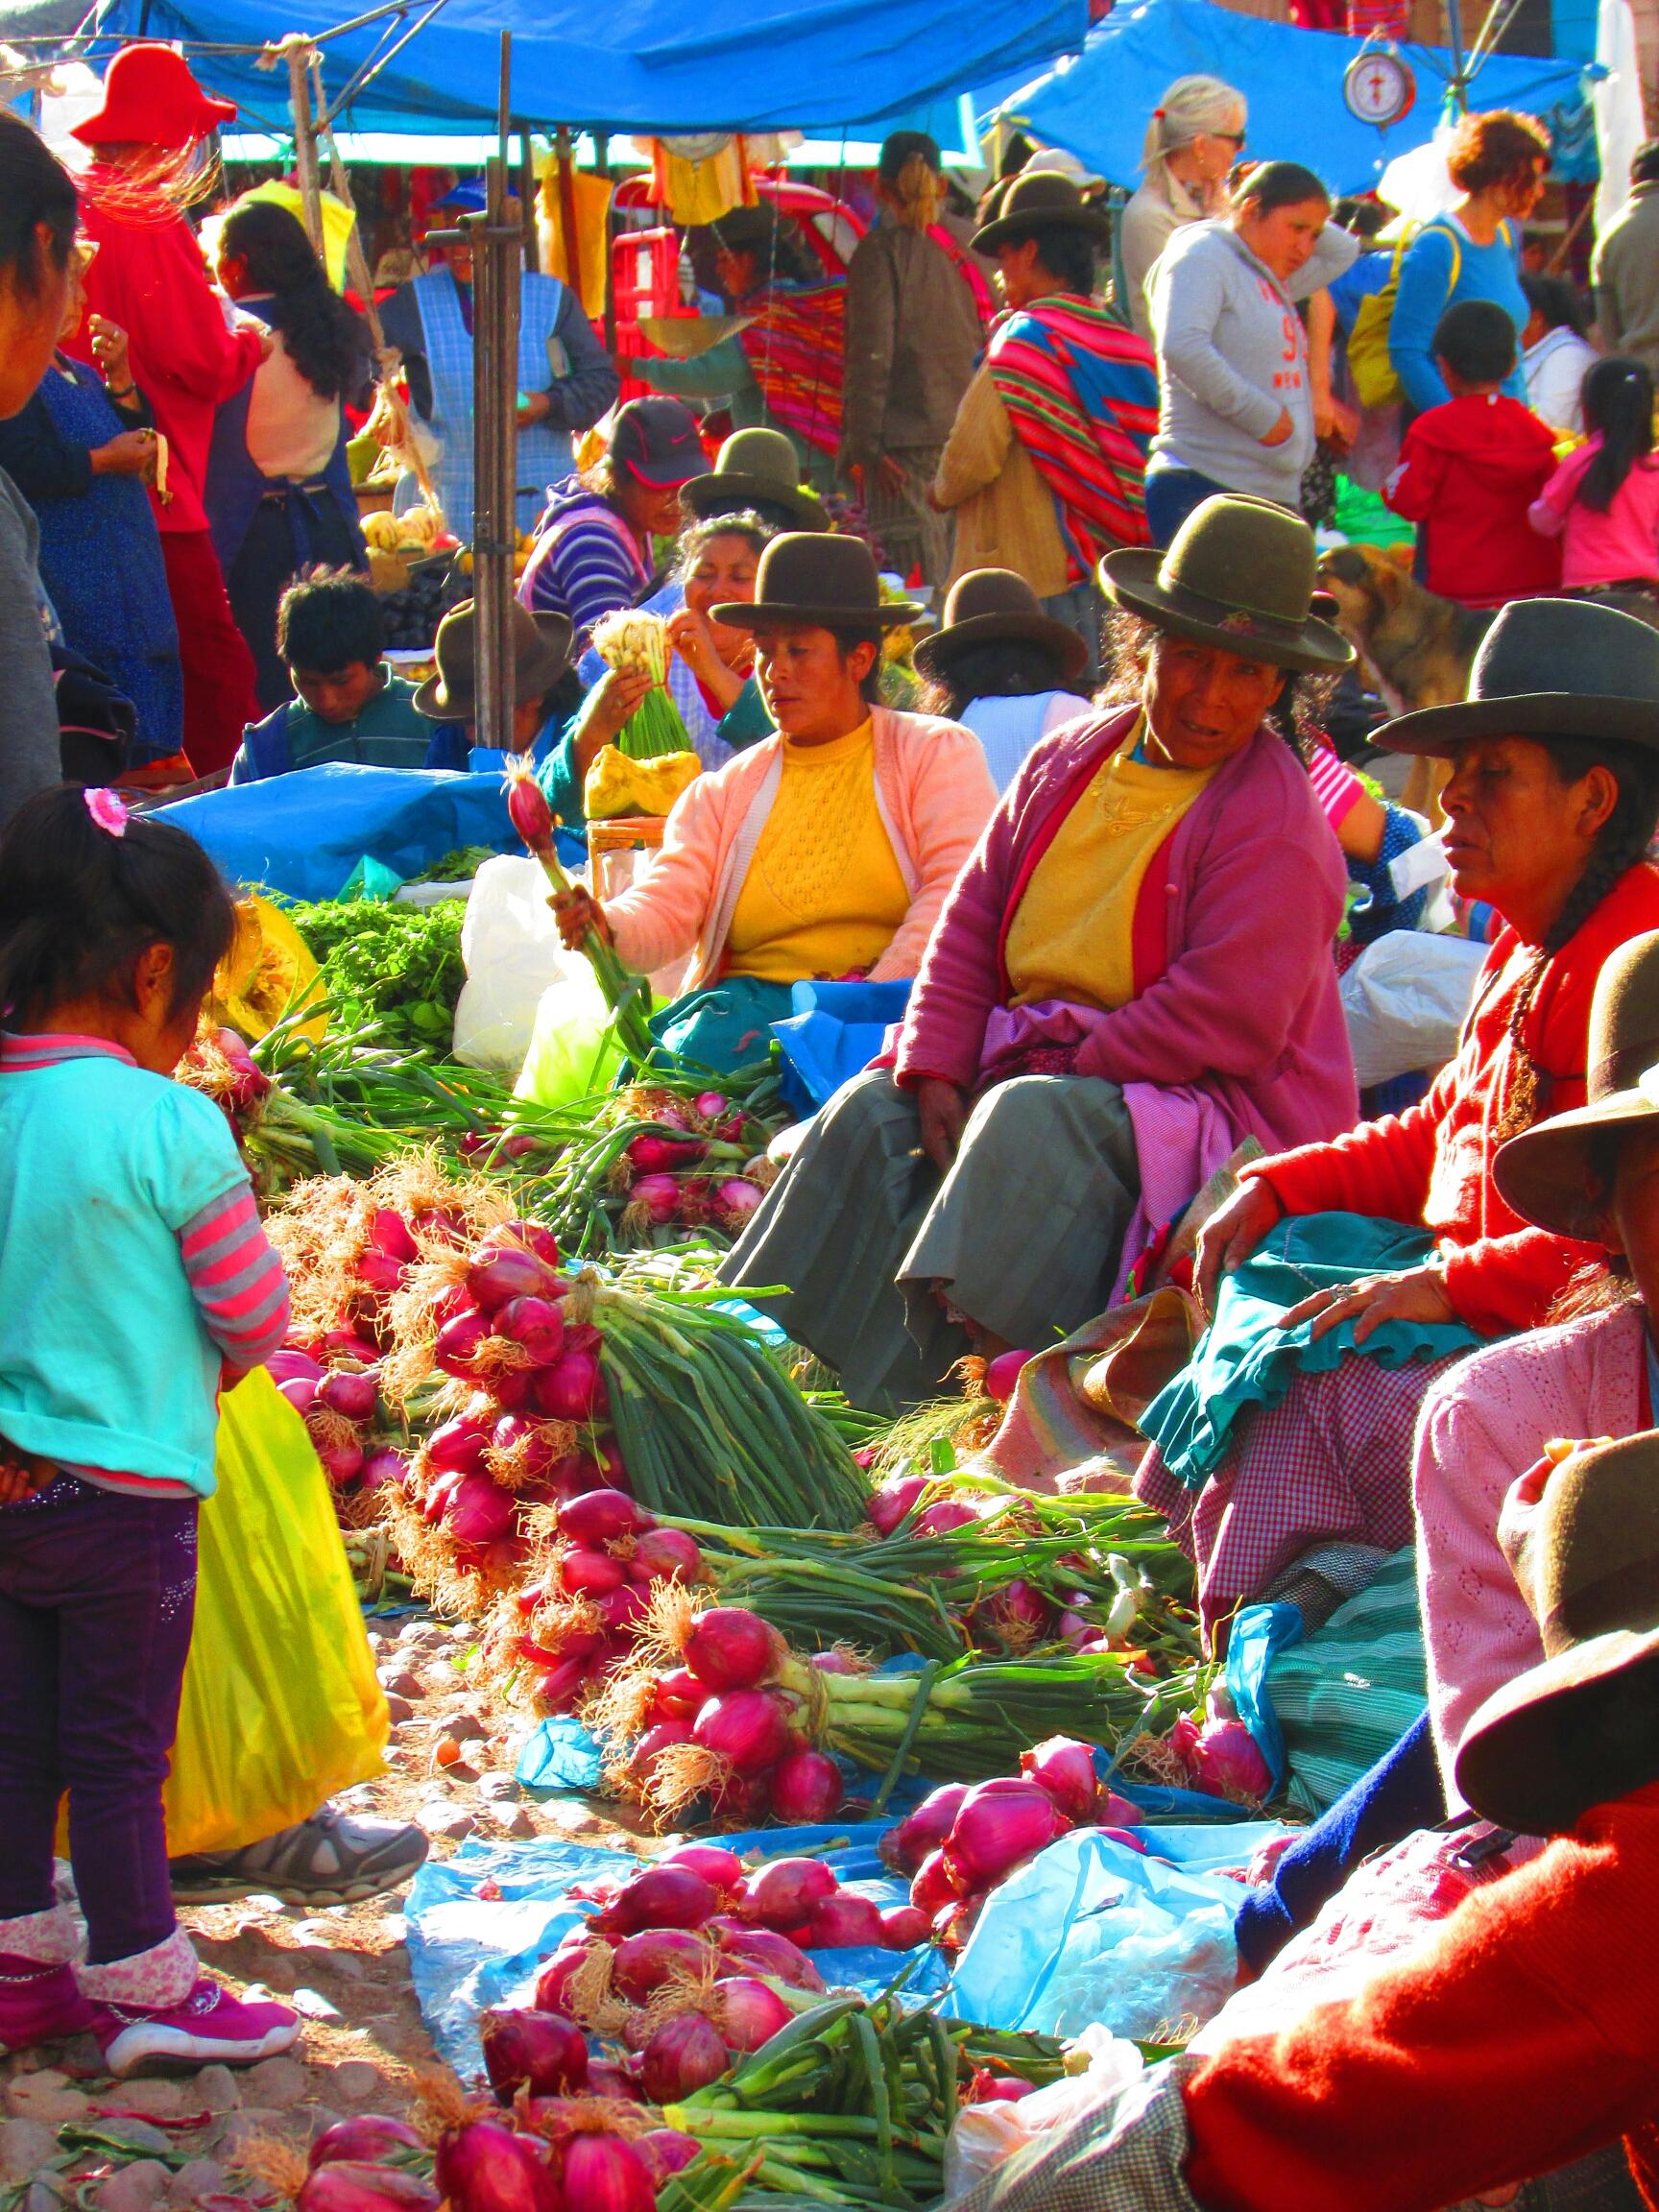 las mejores telas de Perú en el Mercado de Písac en el Valle Sagrado cerca de Cuzco